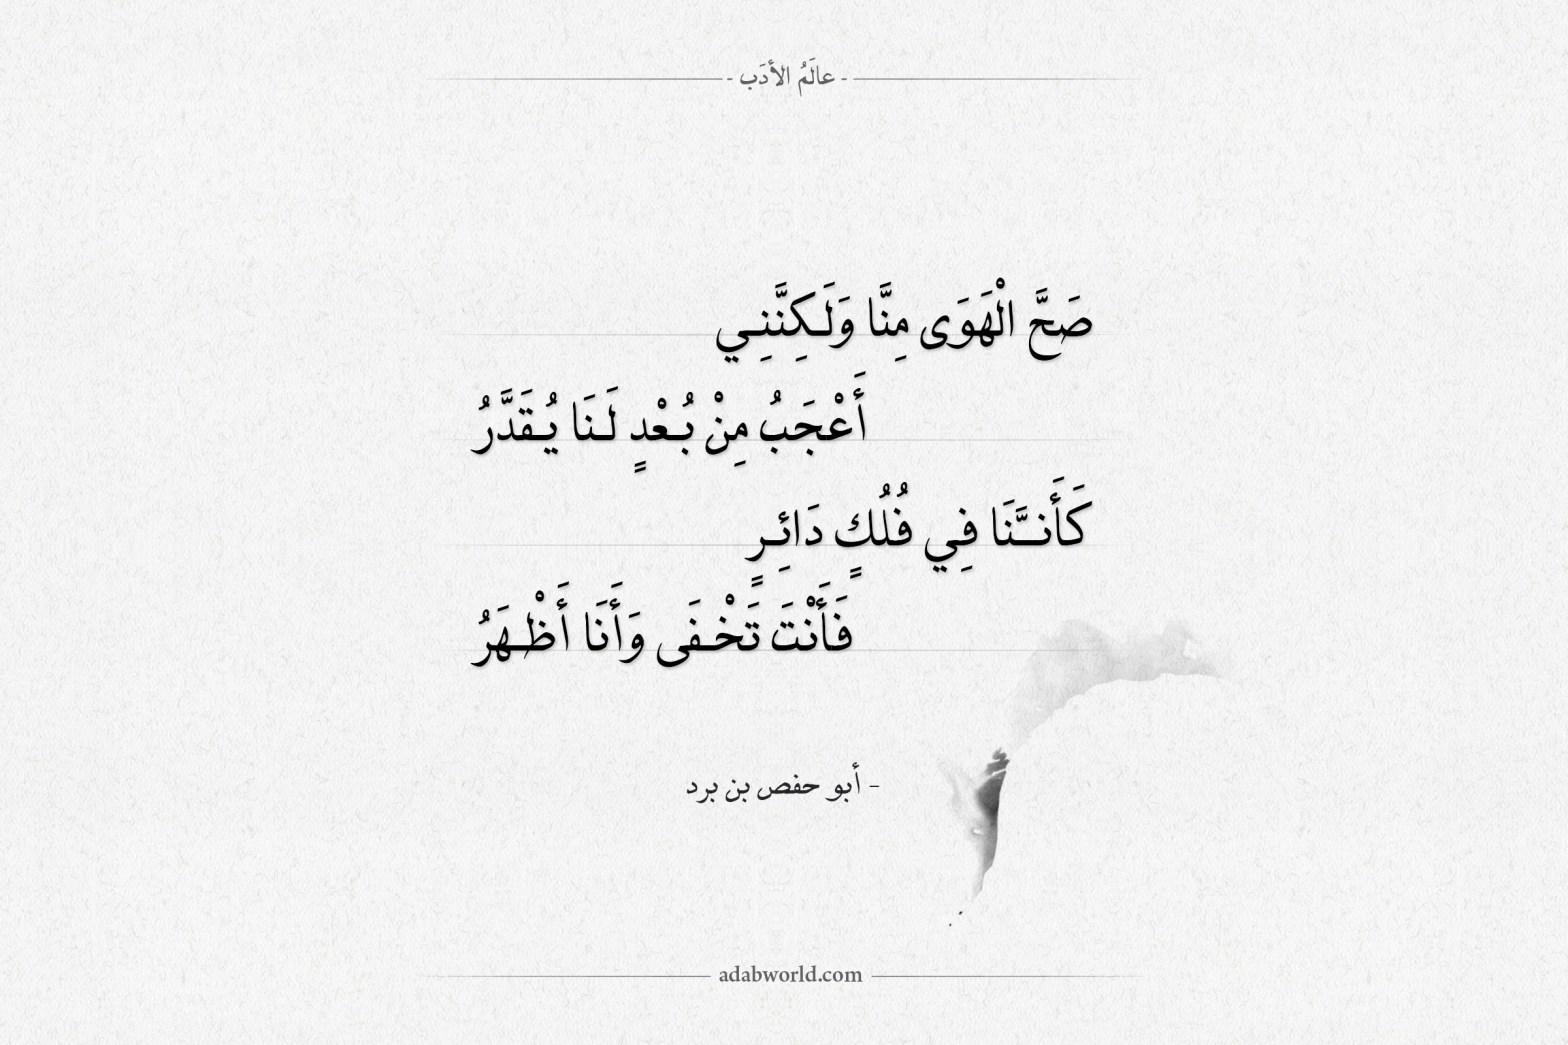 شعر أبو حفص بن برد - صح الهوى منا ولكنني